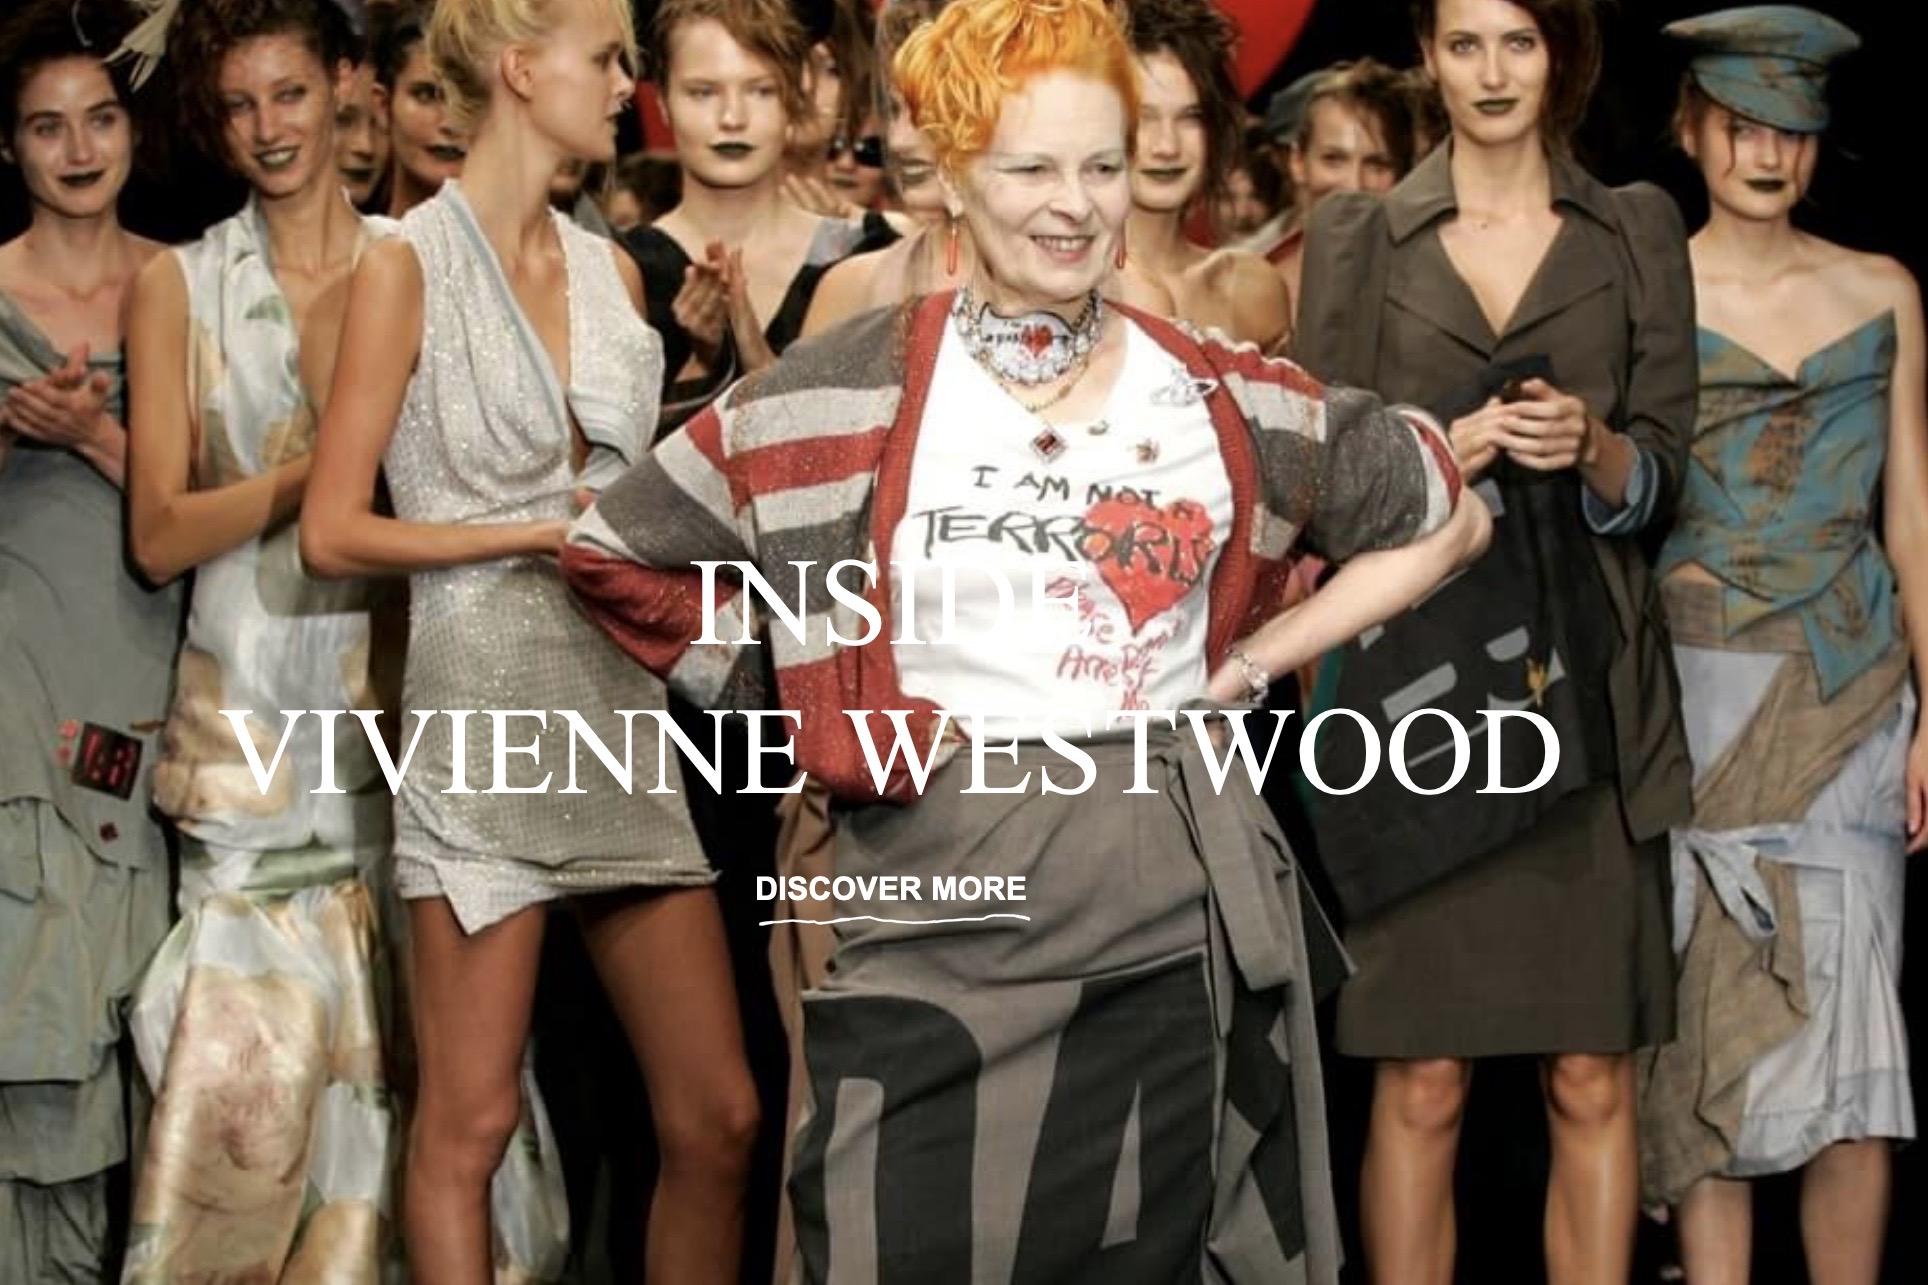 英国设计师品牌 Vivienne Westwood 2019财年扭亏为盈,今年已挺过疫情危机